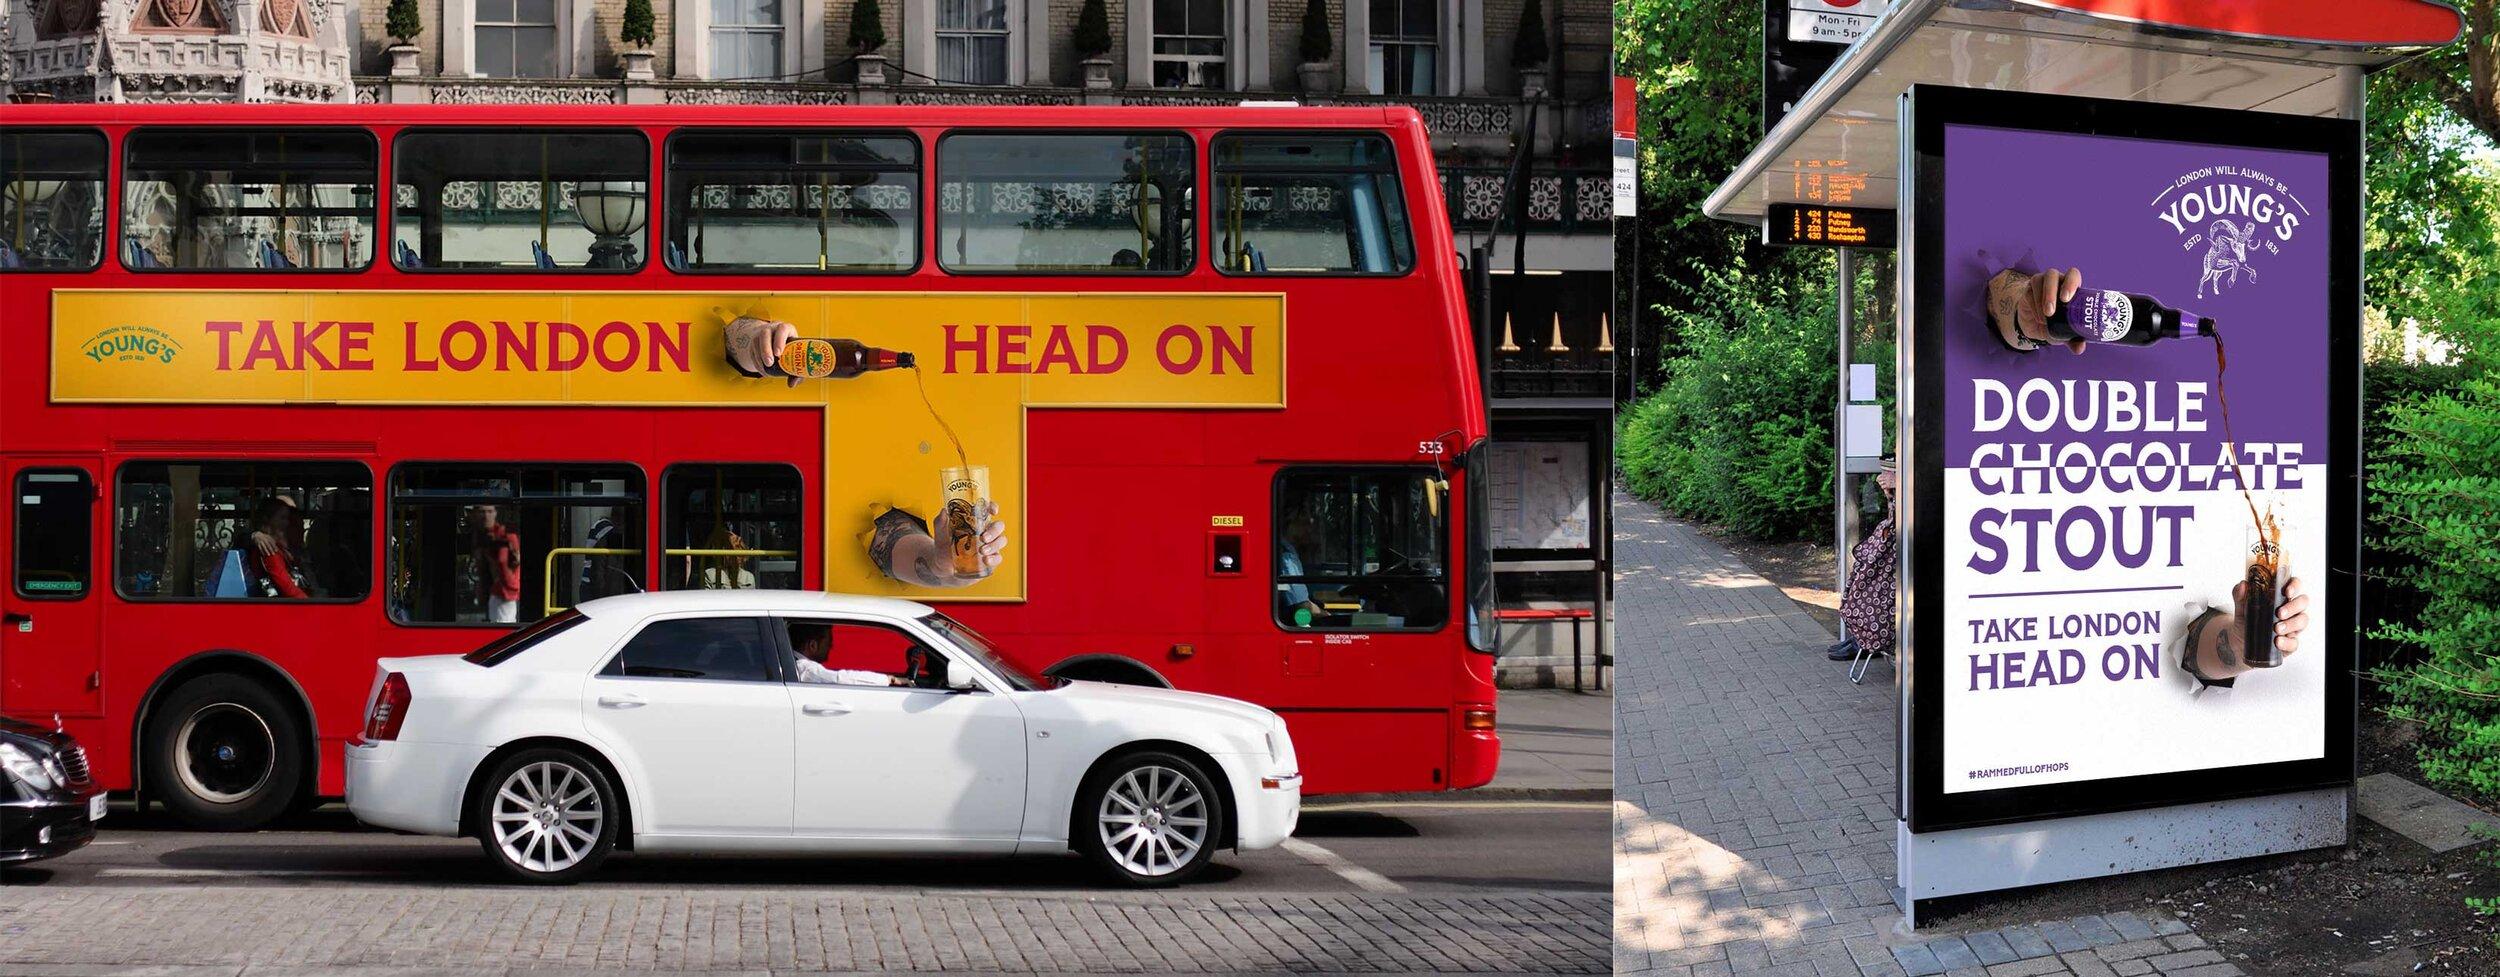 Youngs_Rebrand_Design_Bus_London_Branding_v2-1.jpg